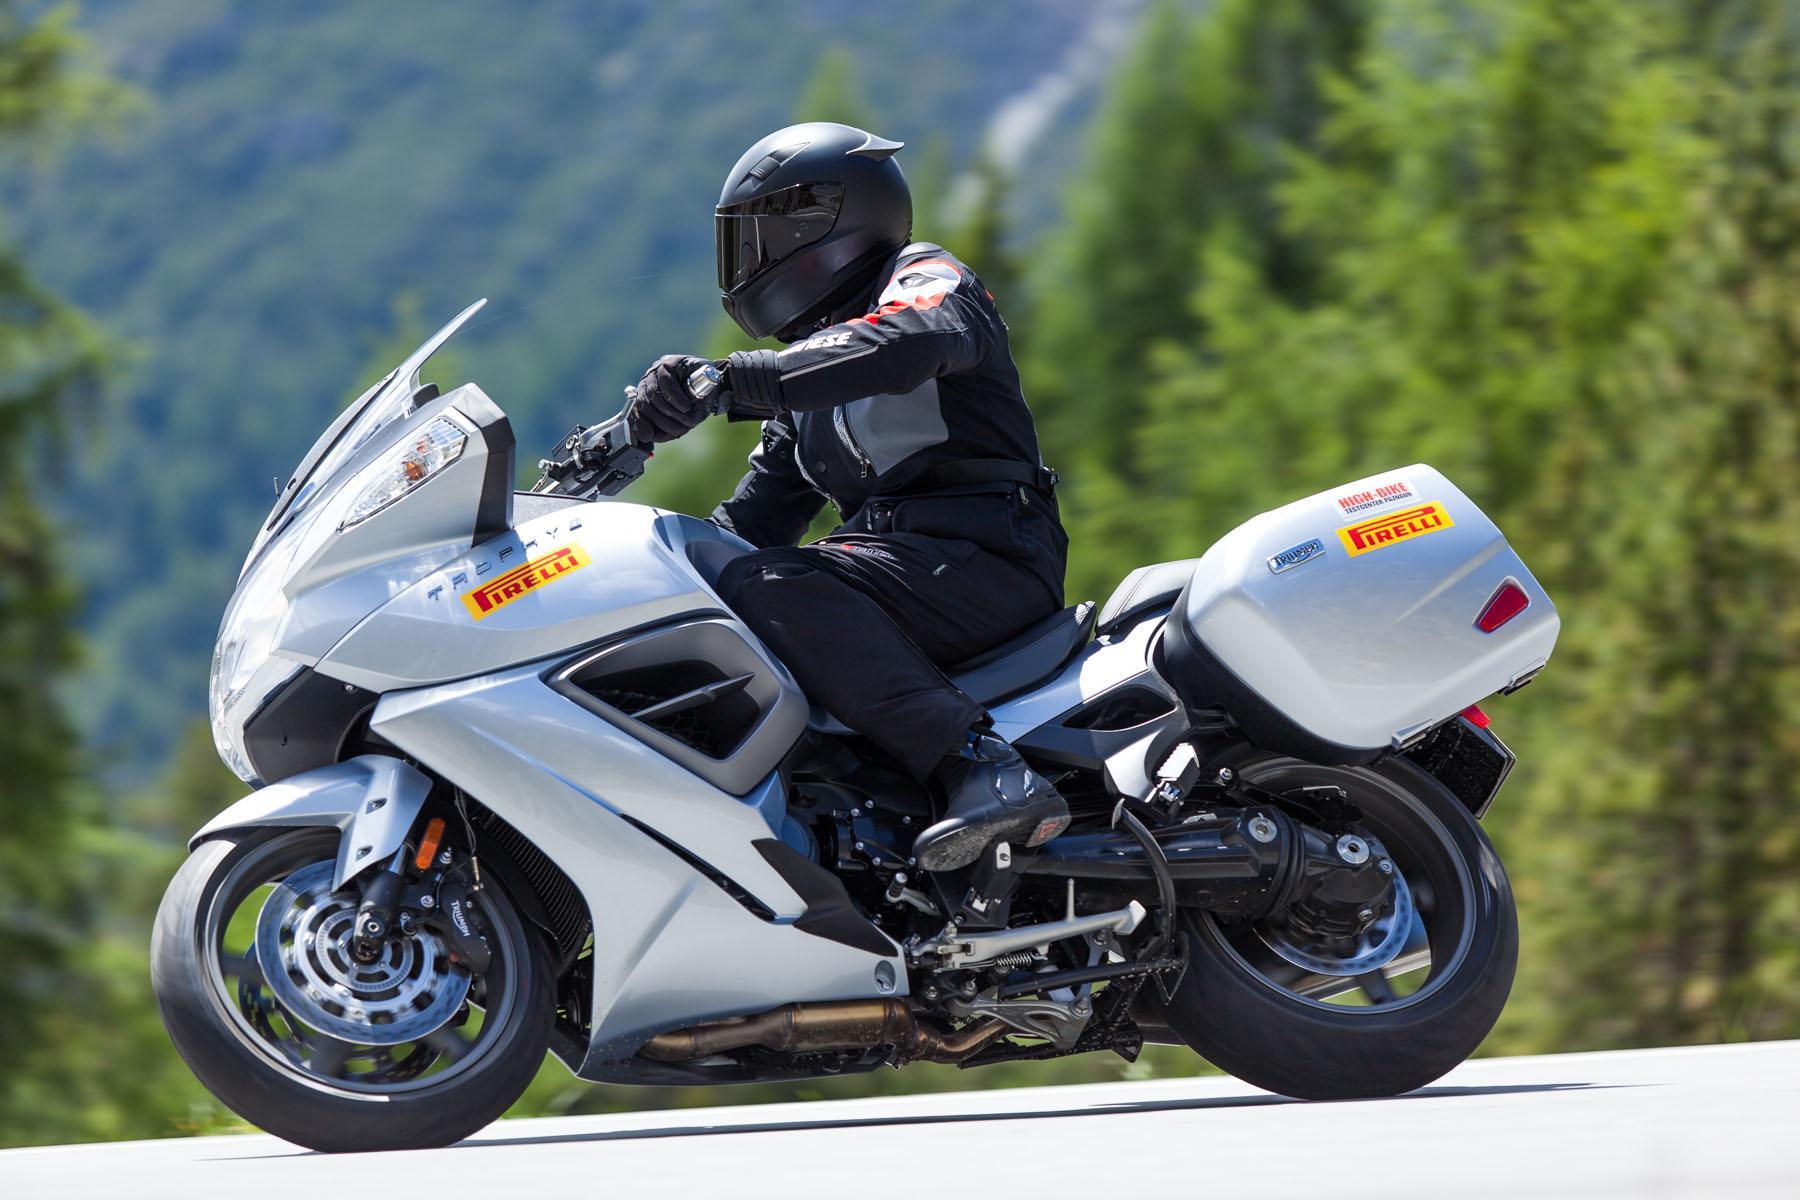 http://www.motorrad-bilder.at/slideshows/291/011302/high_bike_2014-39.jpg